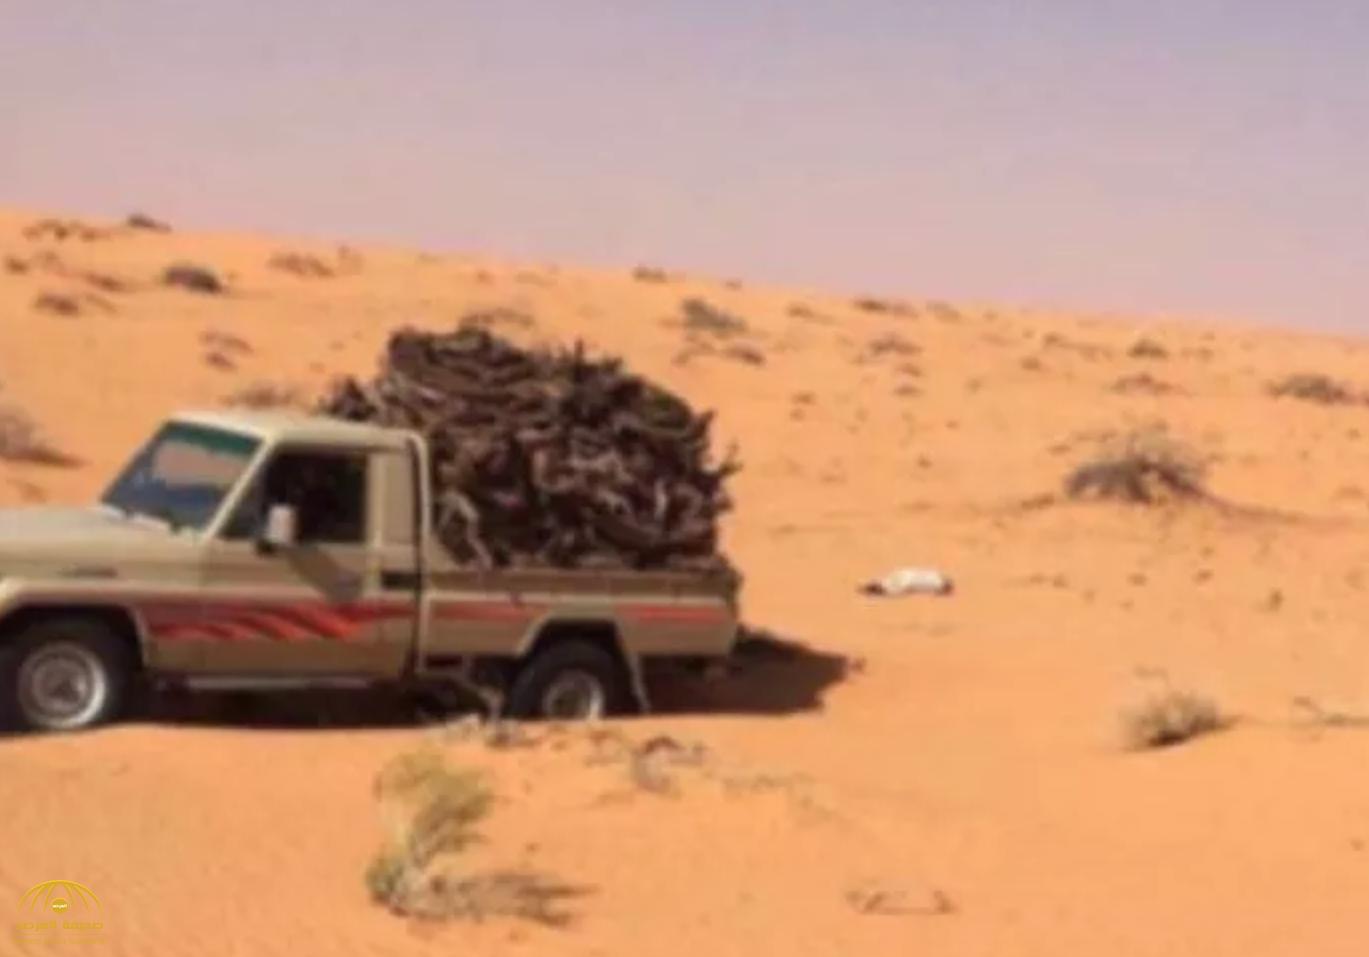 كان يحتطب وتعطلت سيارته.. شاهد: لحظة عثور طائرات فرق البحث على جثة مفقود حائل وسط الكثبان الرملية